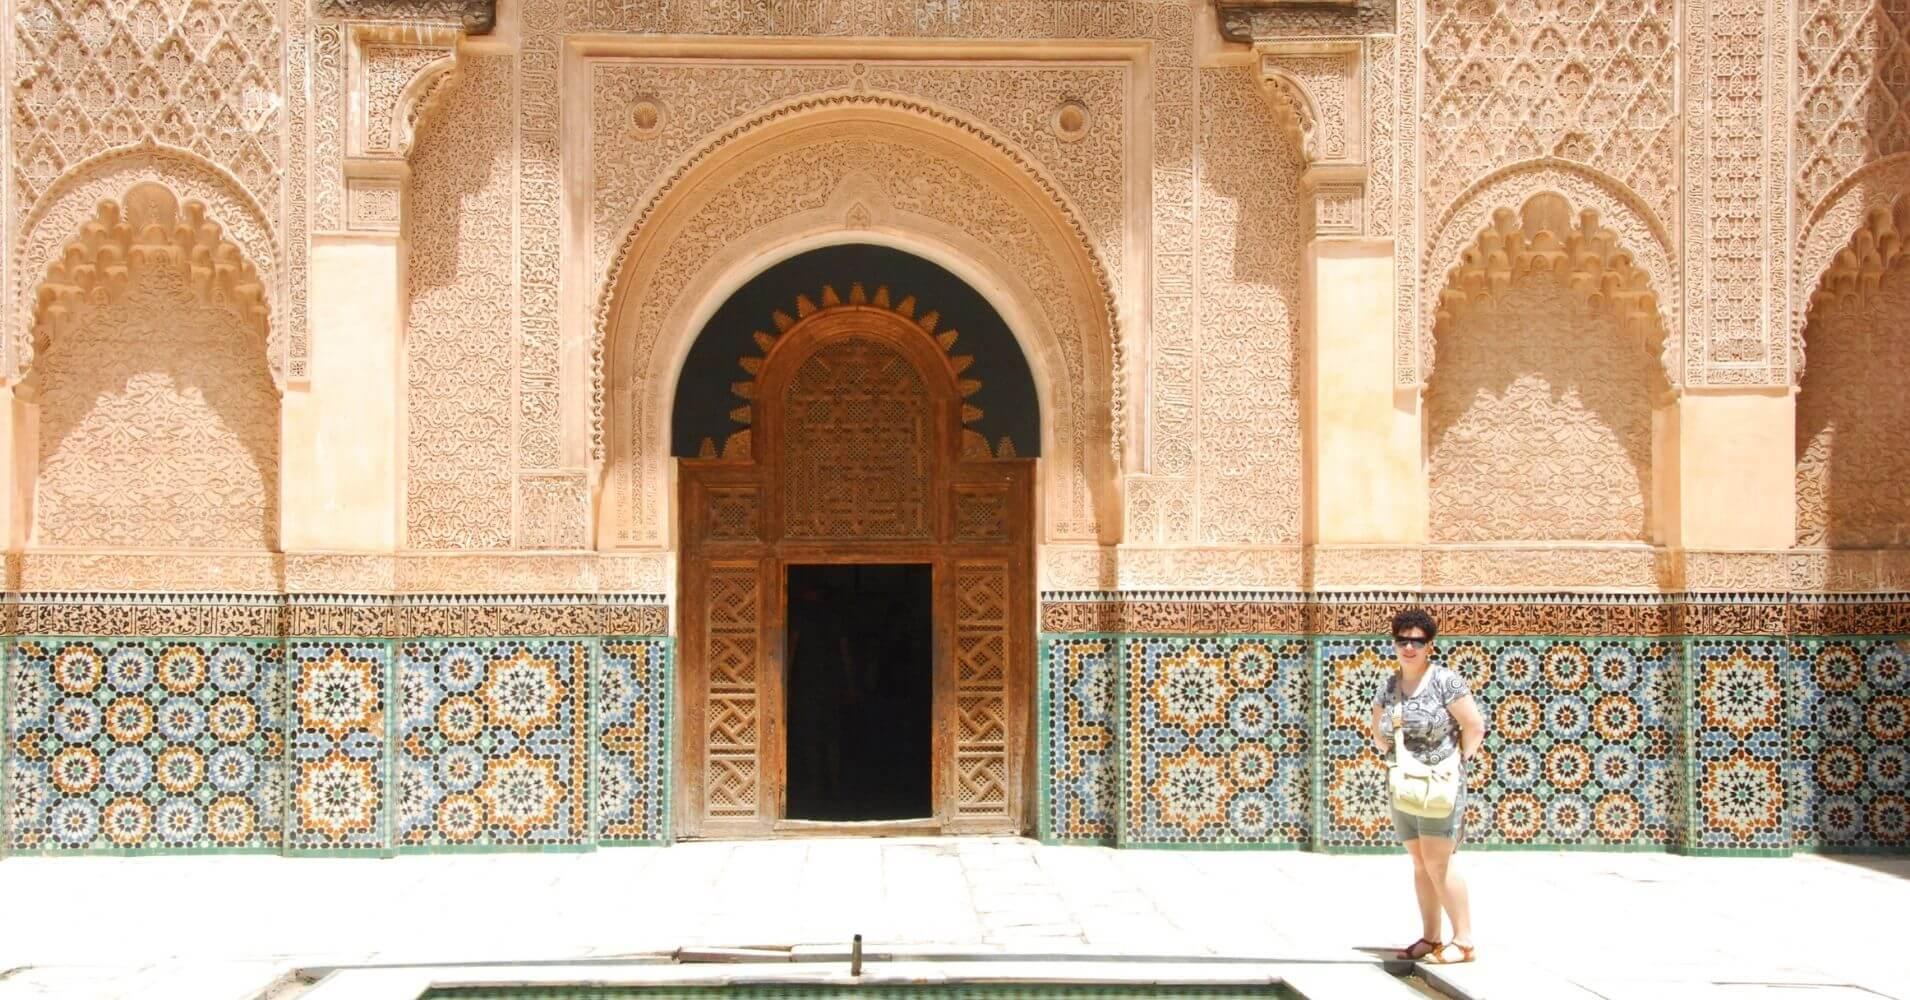 Escuela Coránica Madraza, Marrakech. Marruecos.